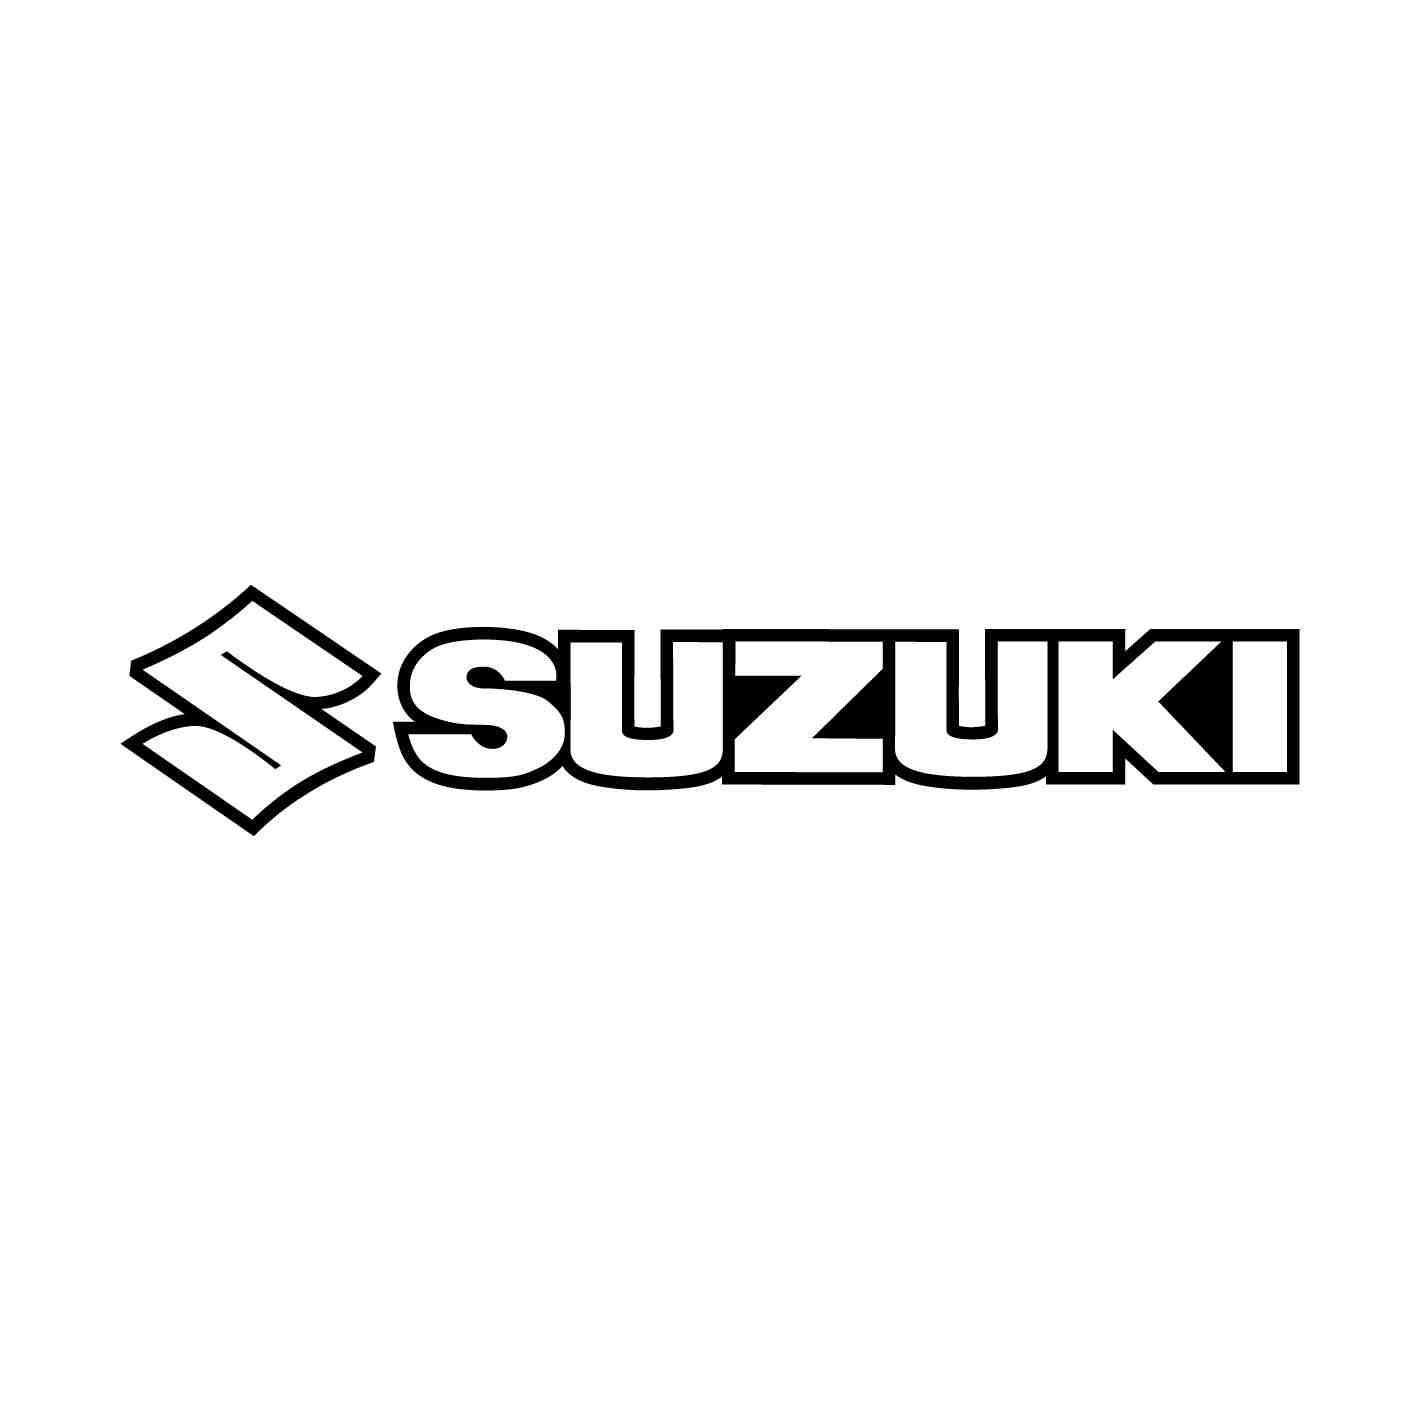 suzuki-ref40-stickers-moto-casque-scooter-sticker-autocollant-adhesifs